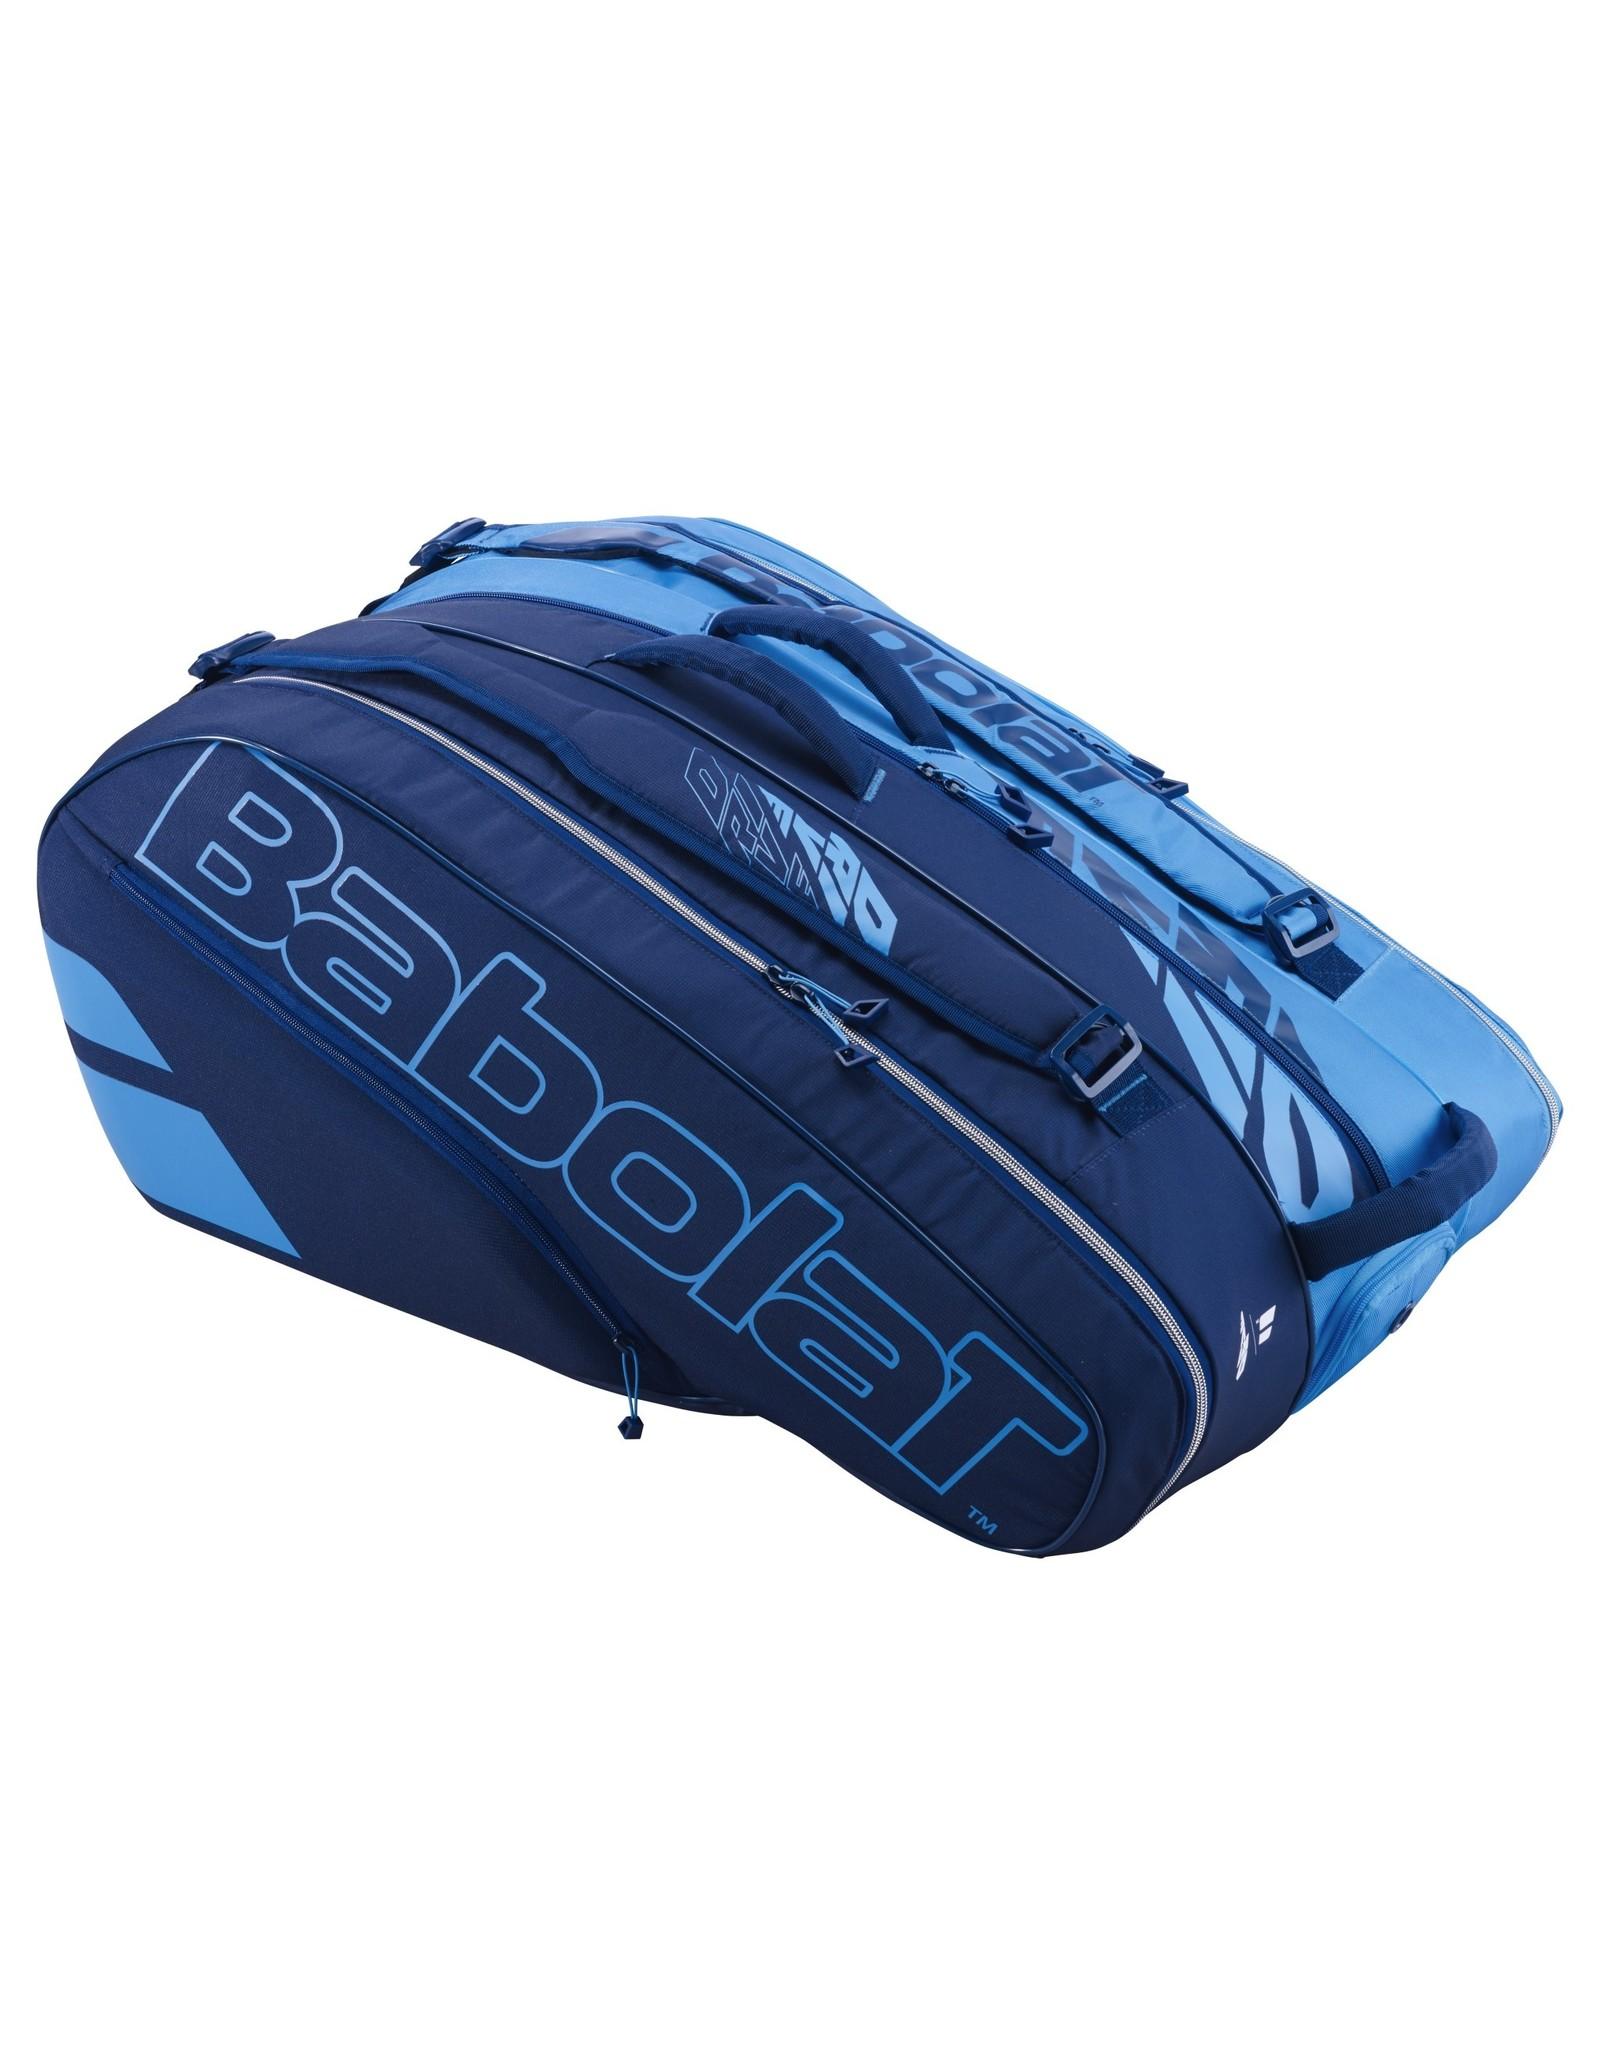 Babolat Babolat Racket Holder x 12 (2021)